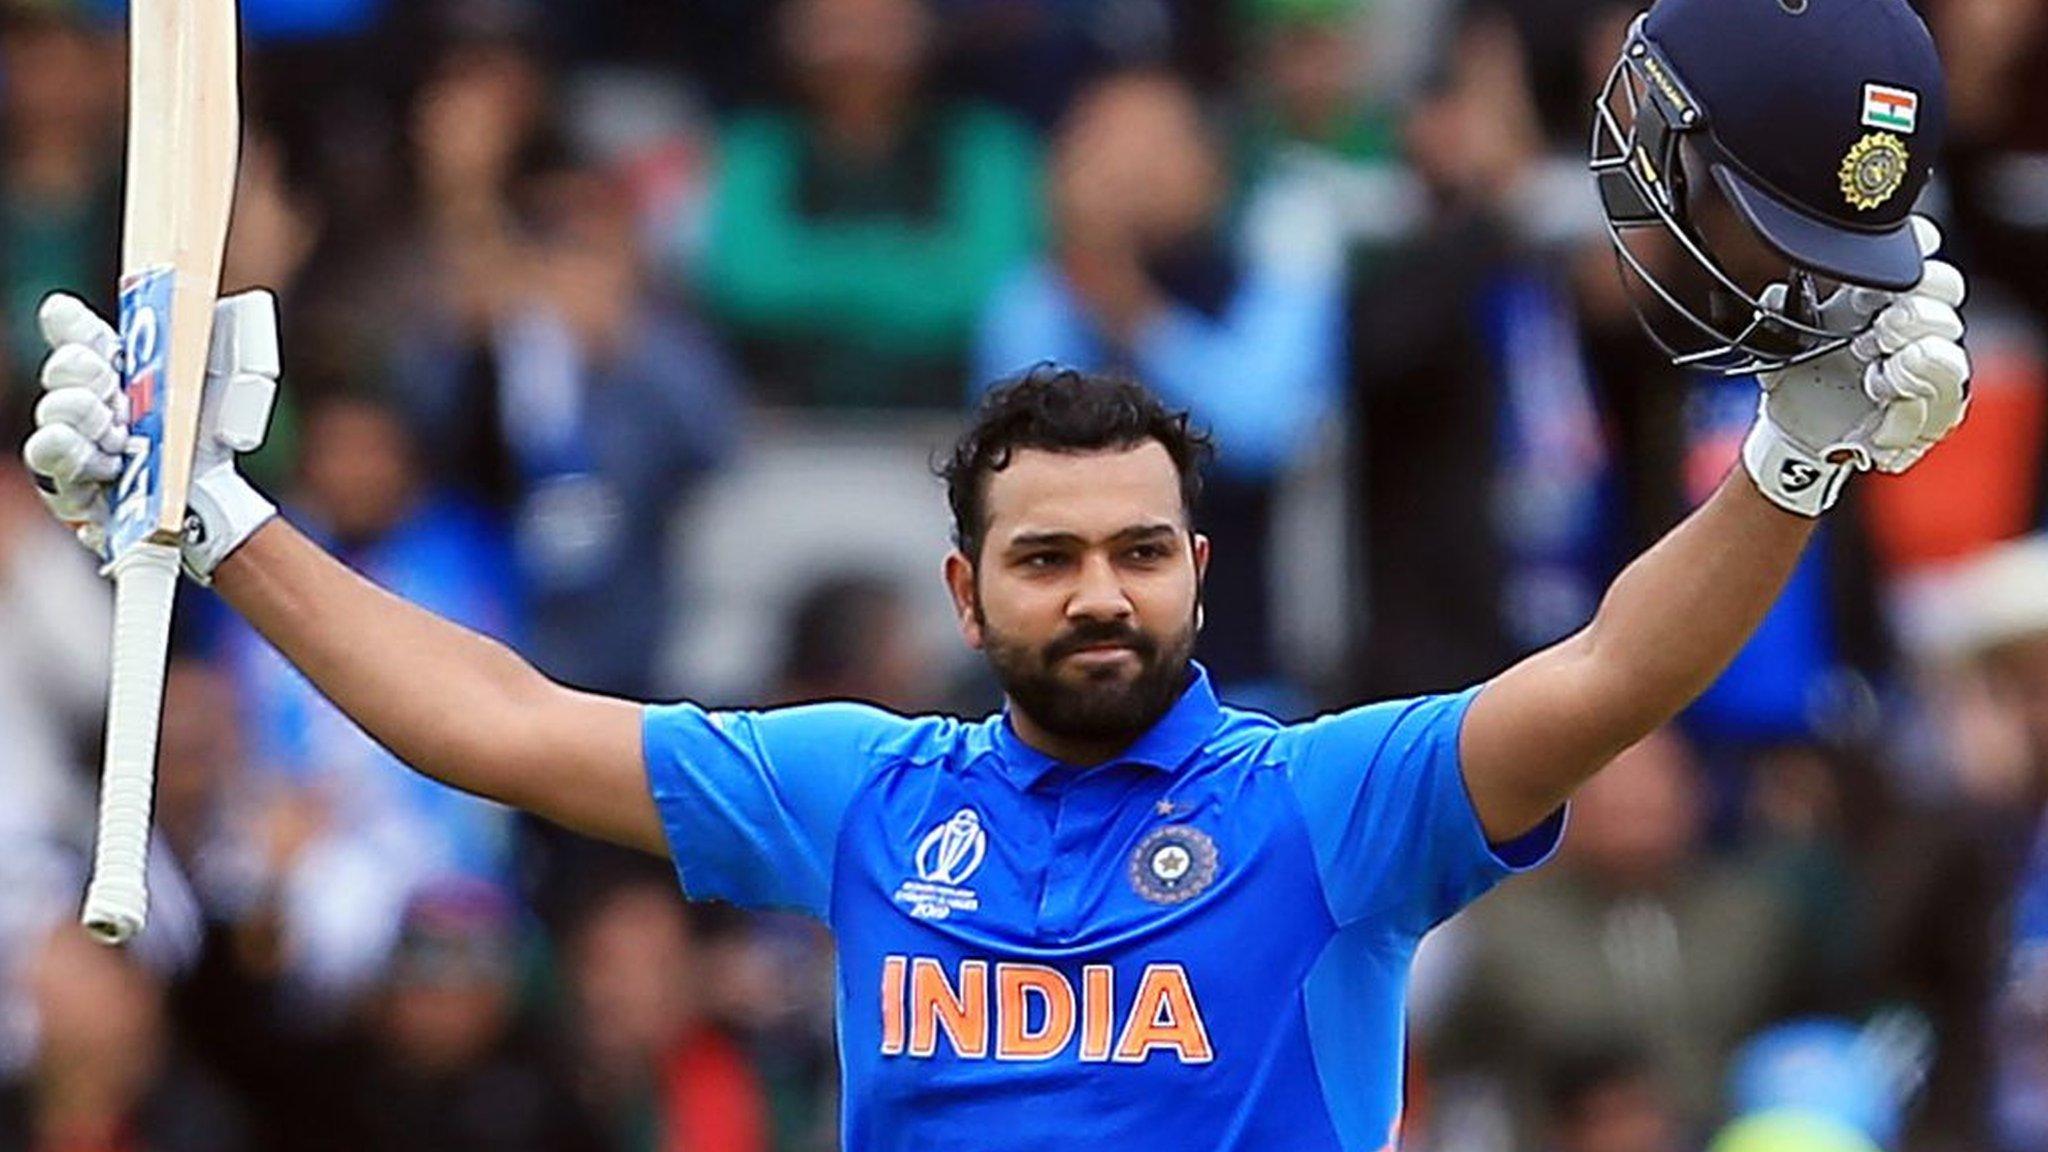 India vs Pakistan: Rohit Sharma's 140 sets up victory for Virat Kohli's side